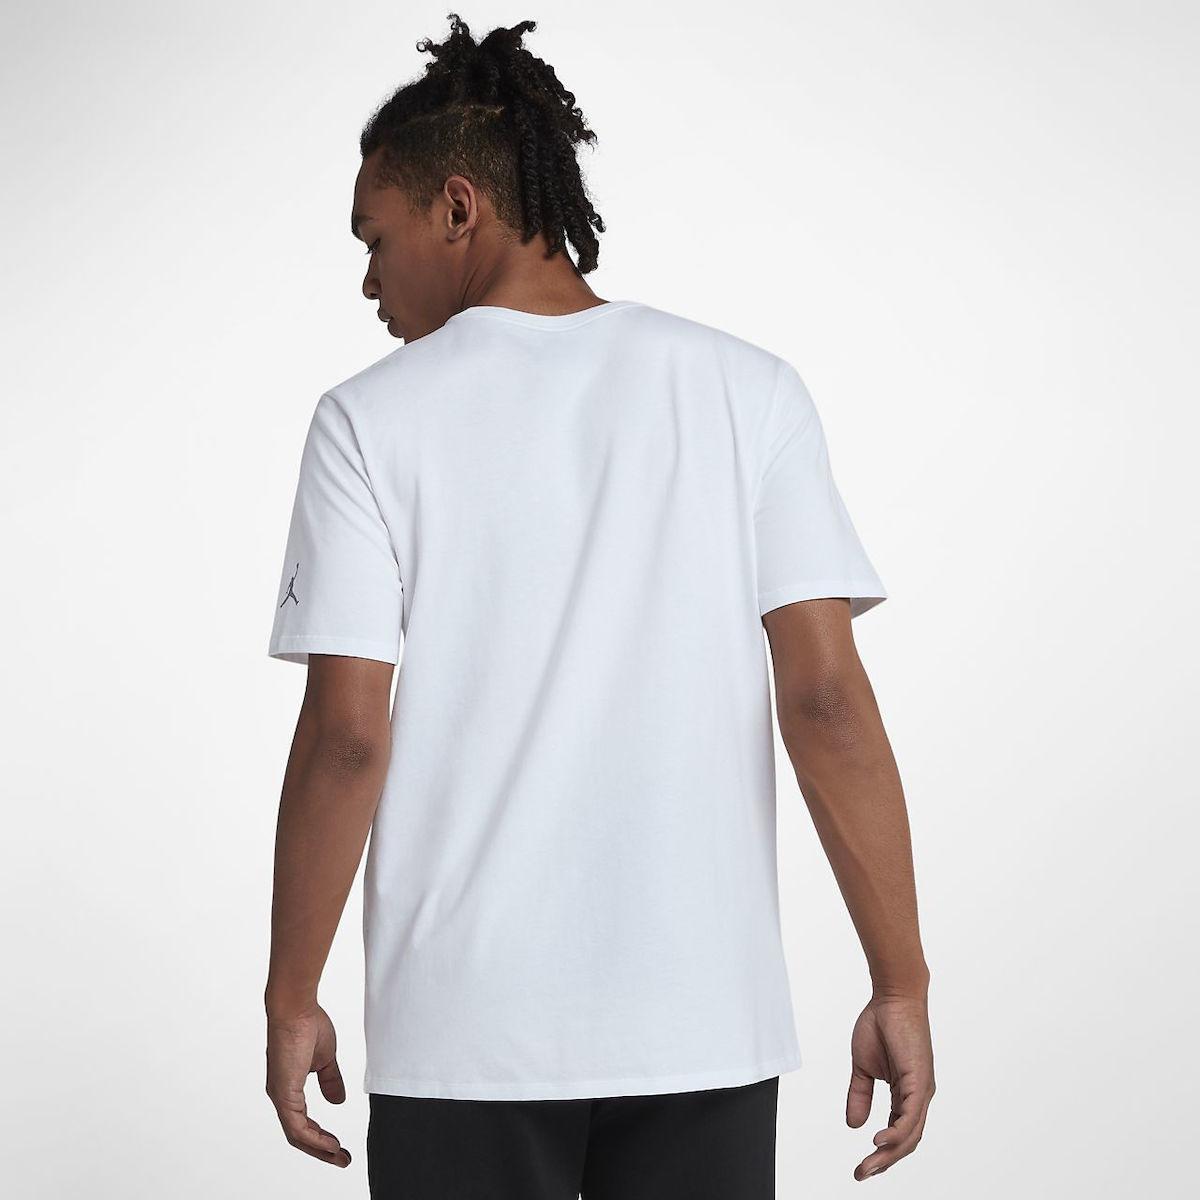 1c577db07c Nike Jordan Sportswear Tech WNT AH6328-100 - Skroutz.gr